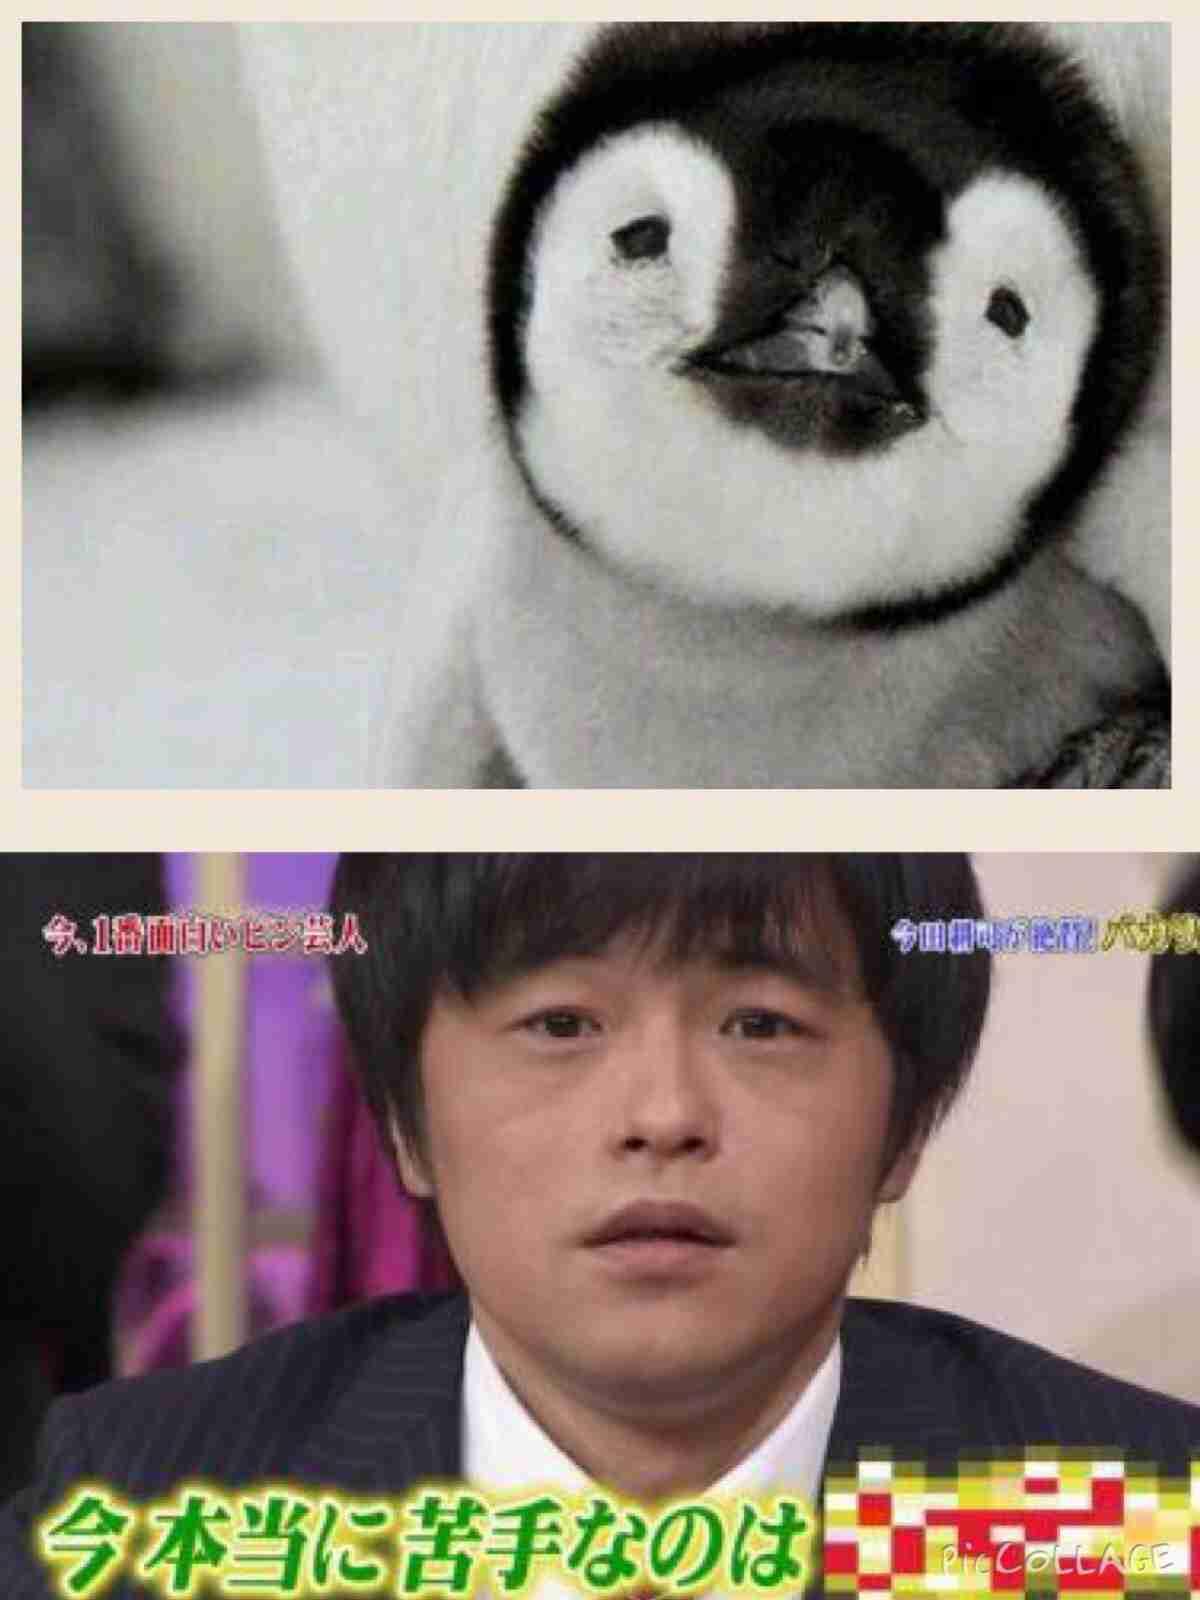 動物に似ている芸能人